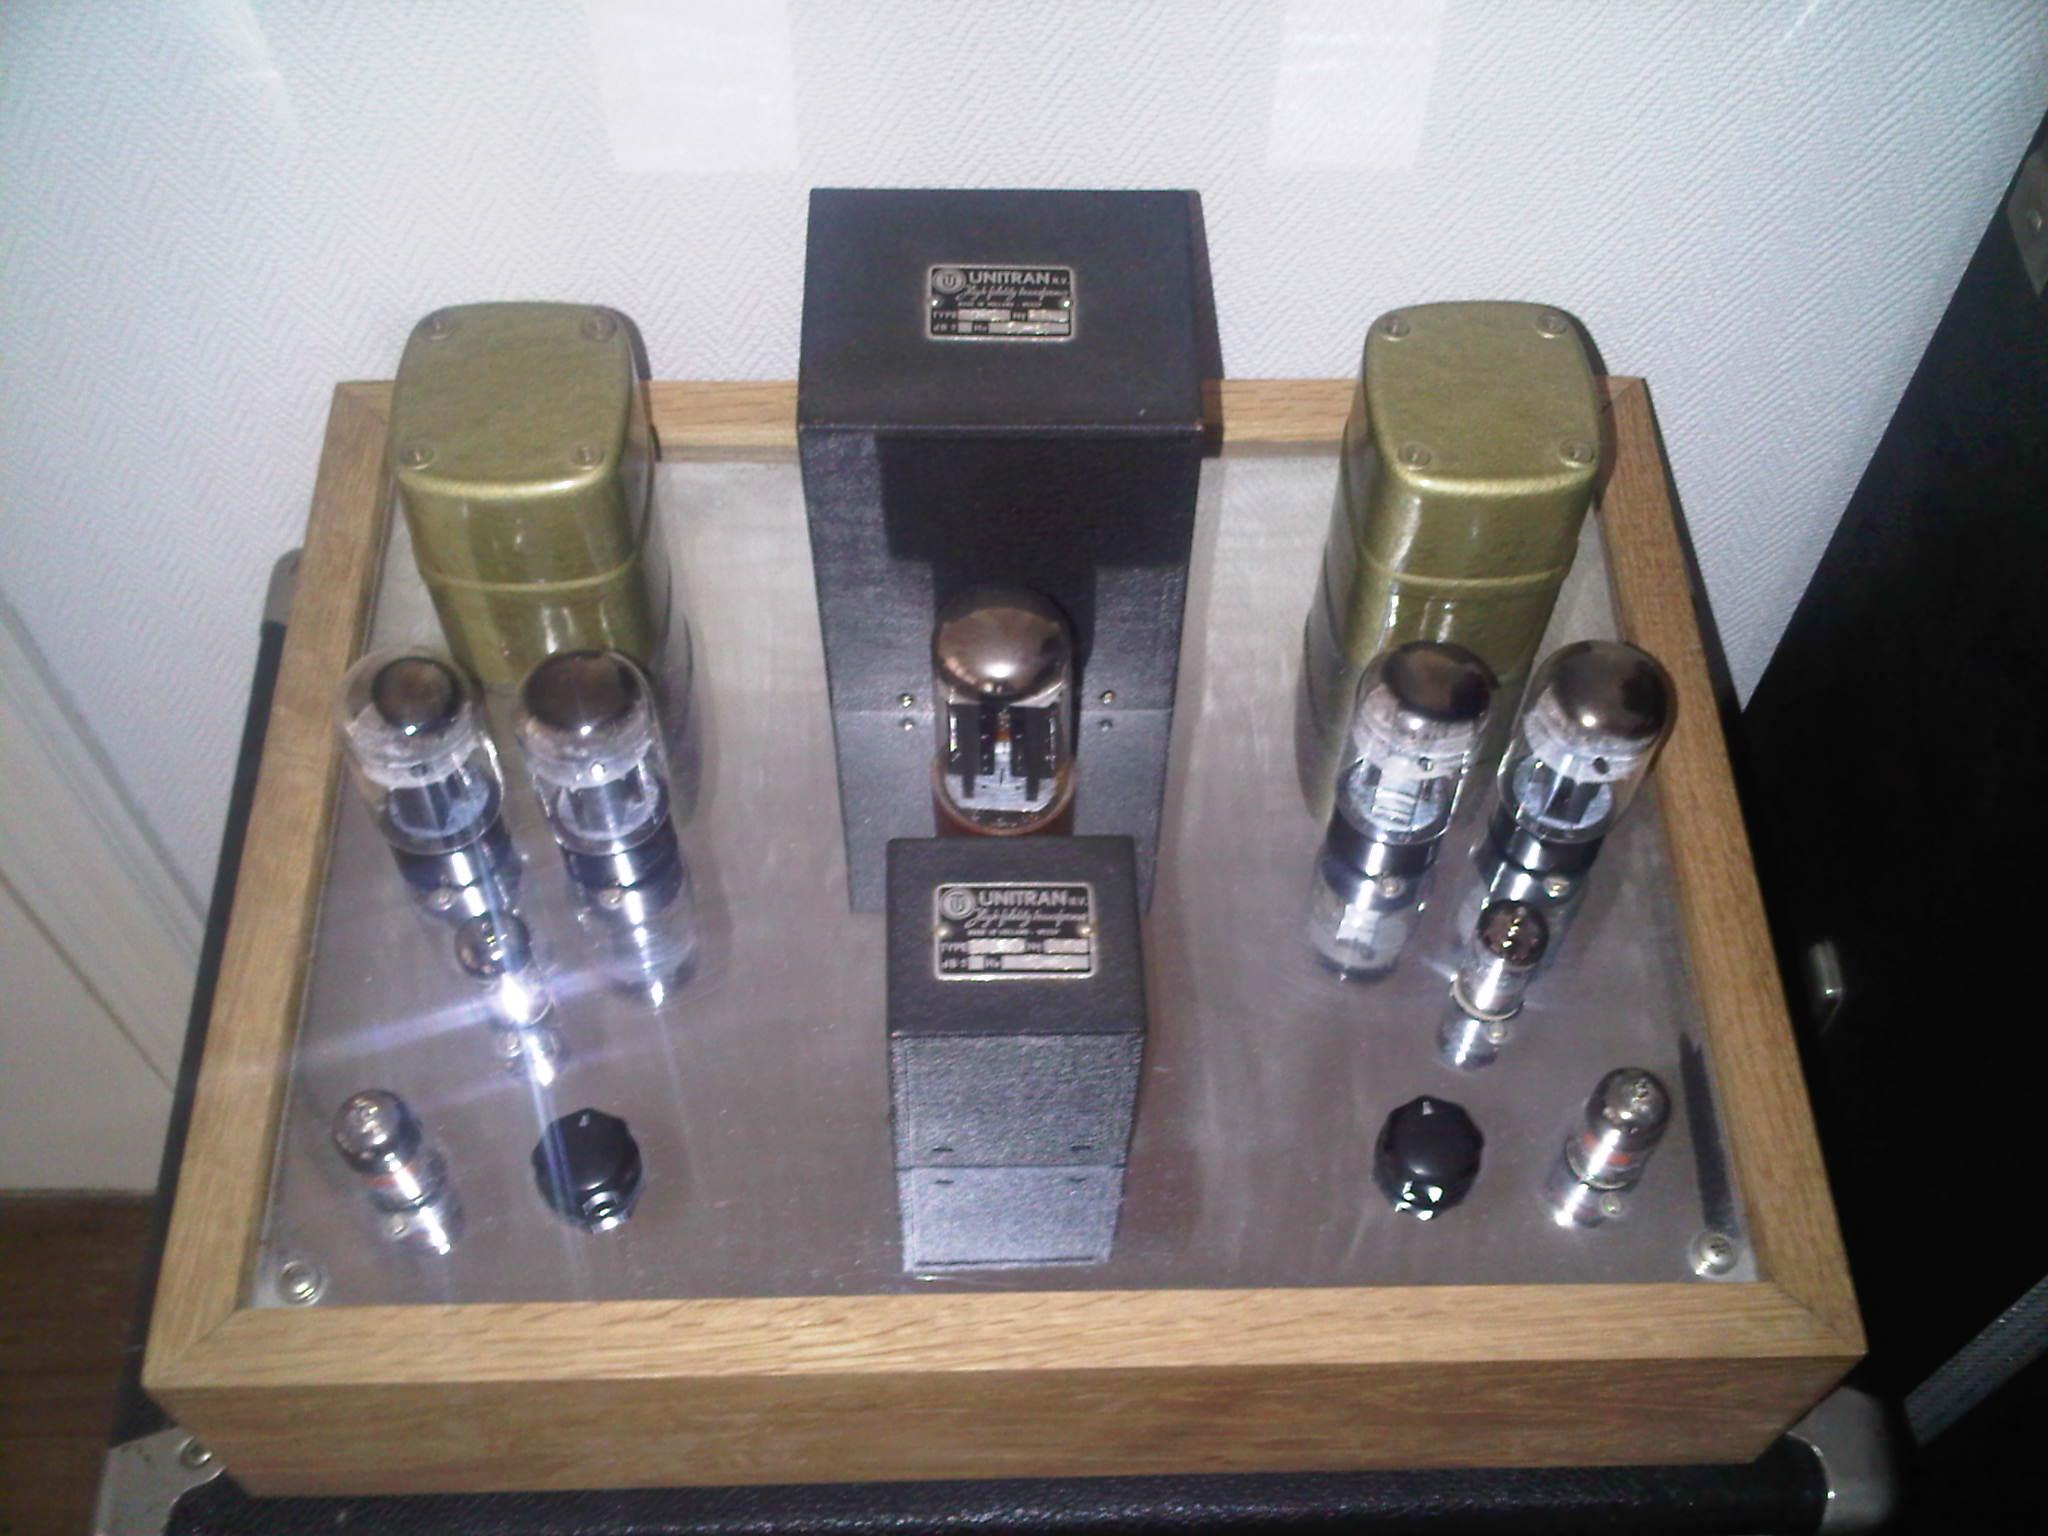 Tsf Radio Forum Amp Schematic Http Homeproviewcom Ecl82amplifierschematichtm Merci Beaucoup Pour La Documentation De Soparelec Jai Construit Version Stereo Dun Amplificateur Ampex 620 Avec Des Transfos Sortie Supersonic W15